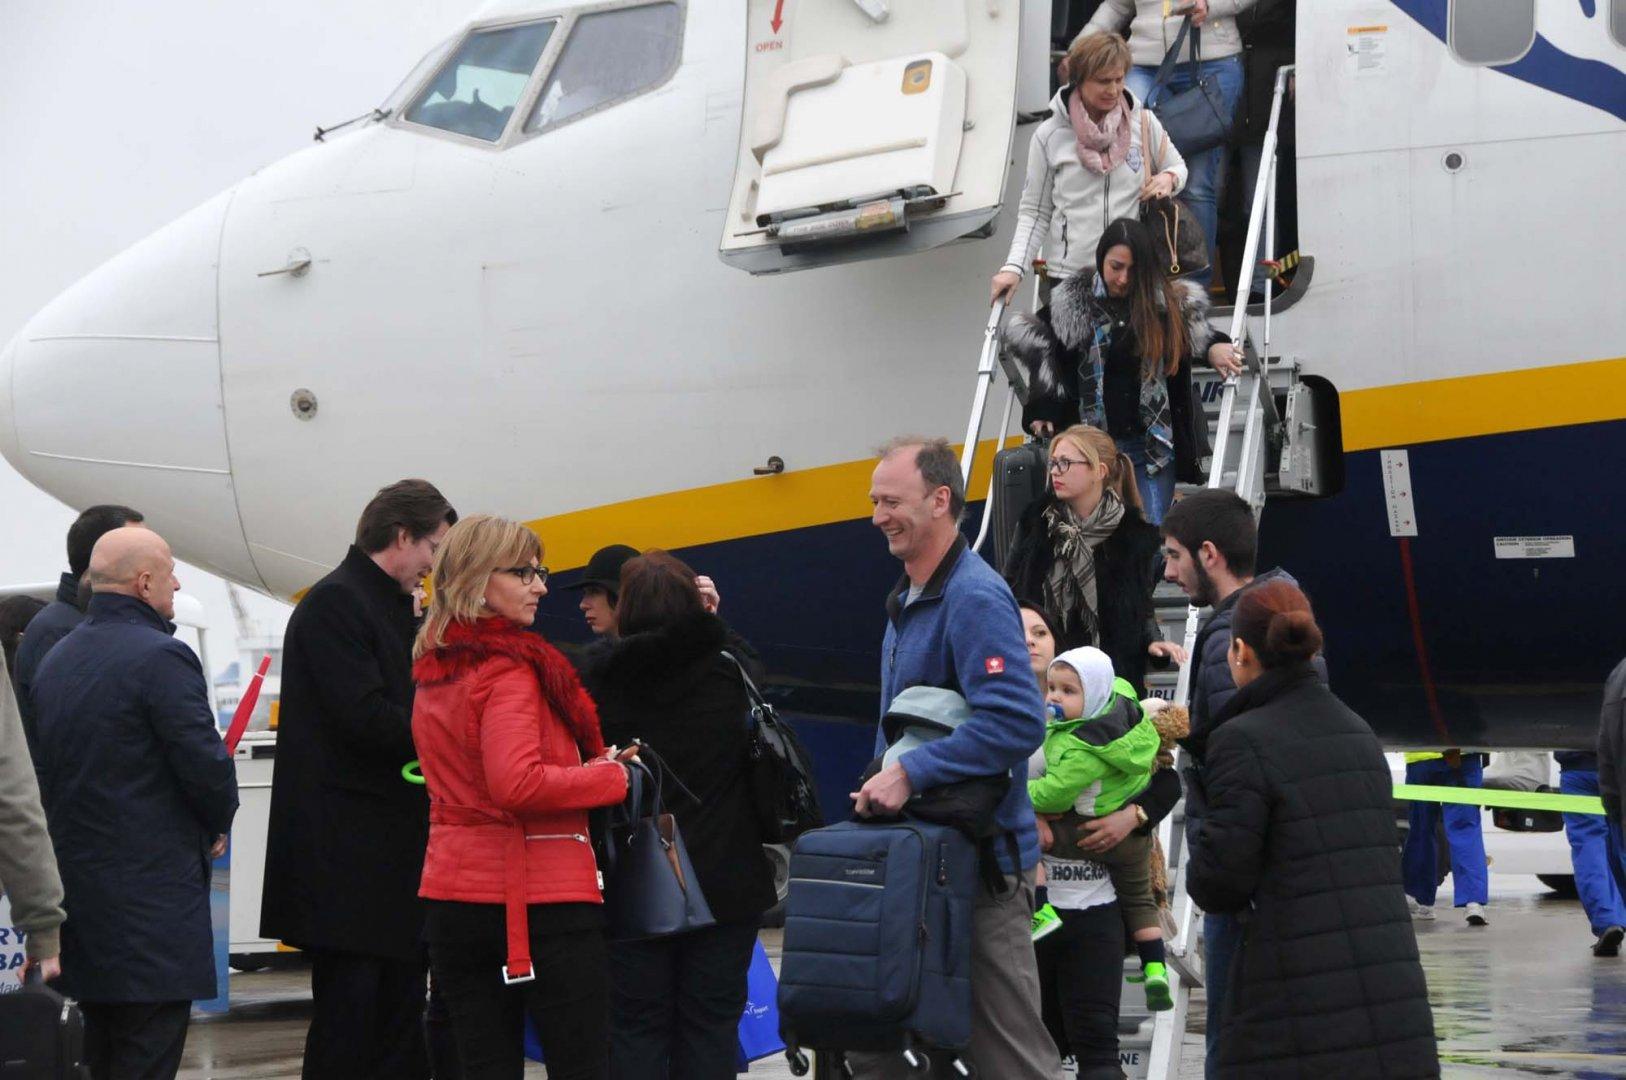 Пътниците от полета от Меминген бяха посрещнати официално на бургаското летище. Снимка Архив Черноморие-Бг